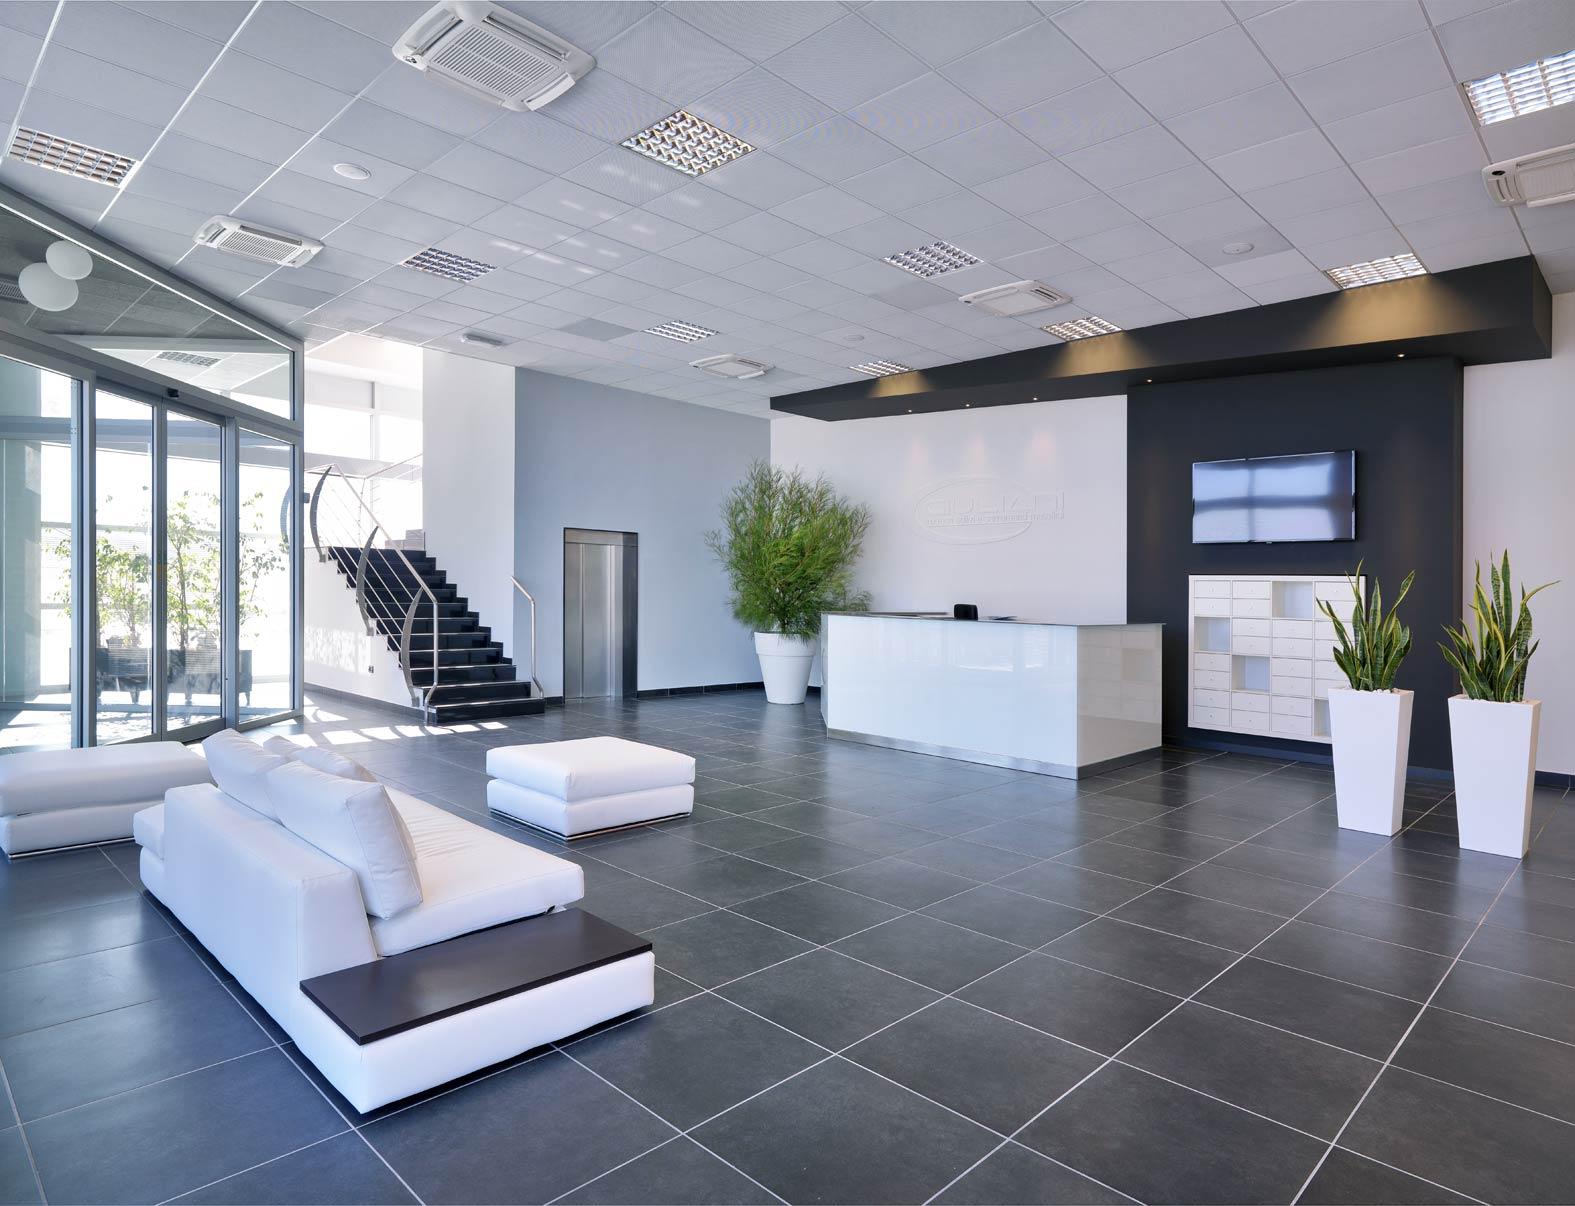 Progettazione interni per forl cesena rimini bologna for Ufficio architetto design